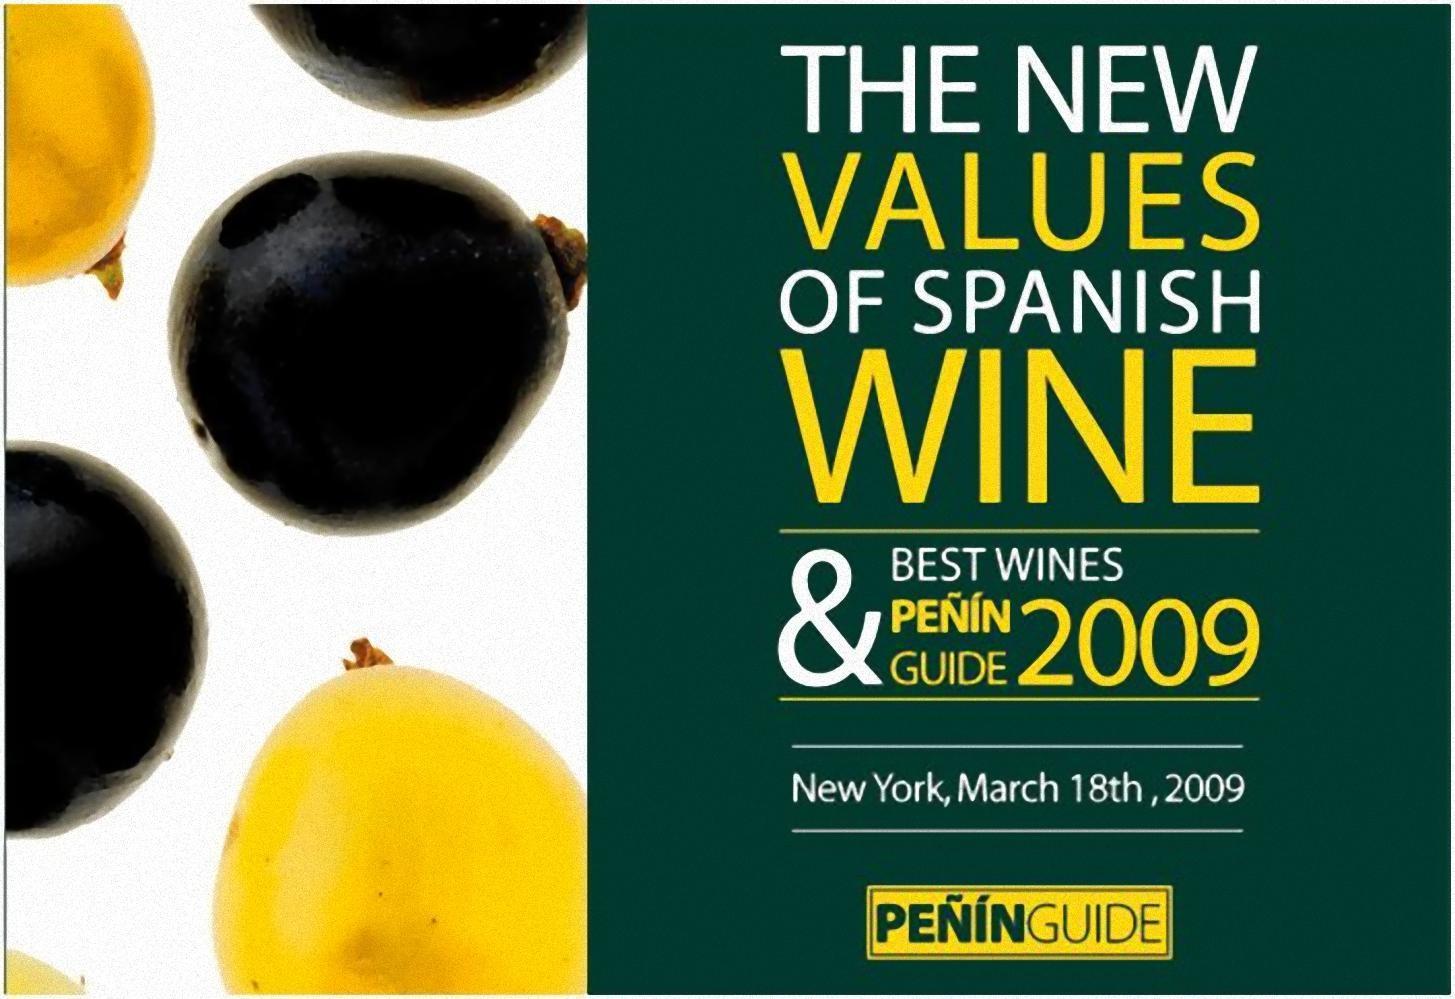 Mejores vinos de España según la Guía Peñín 2009